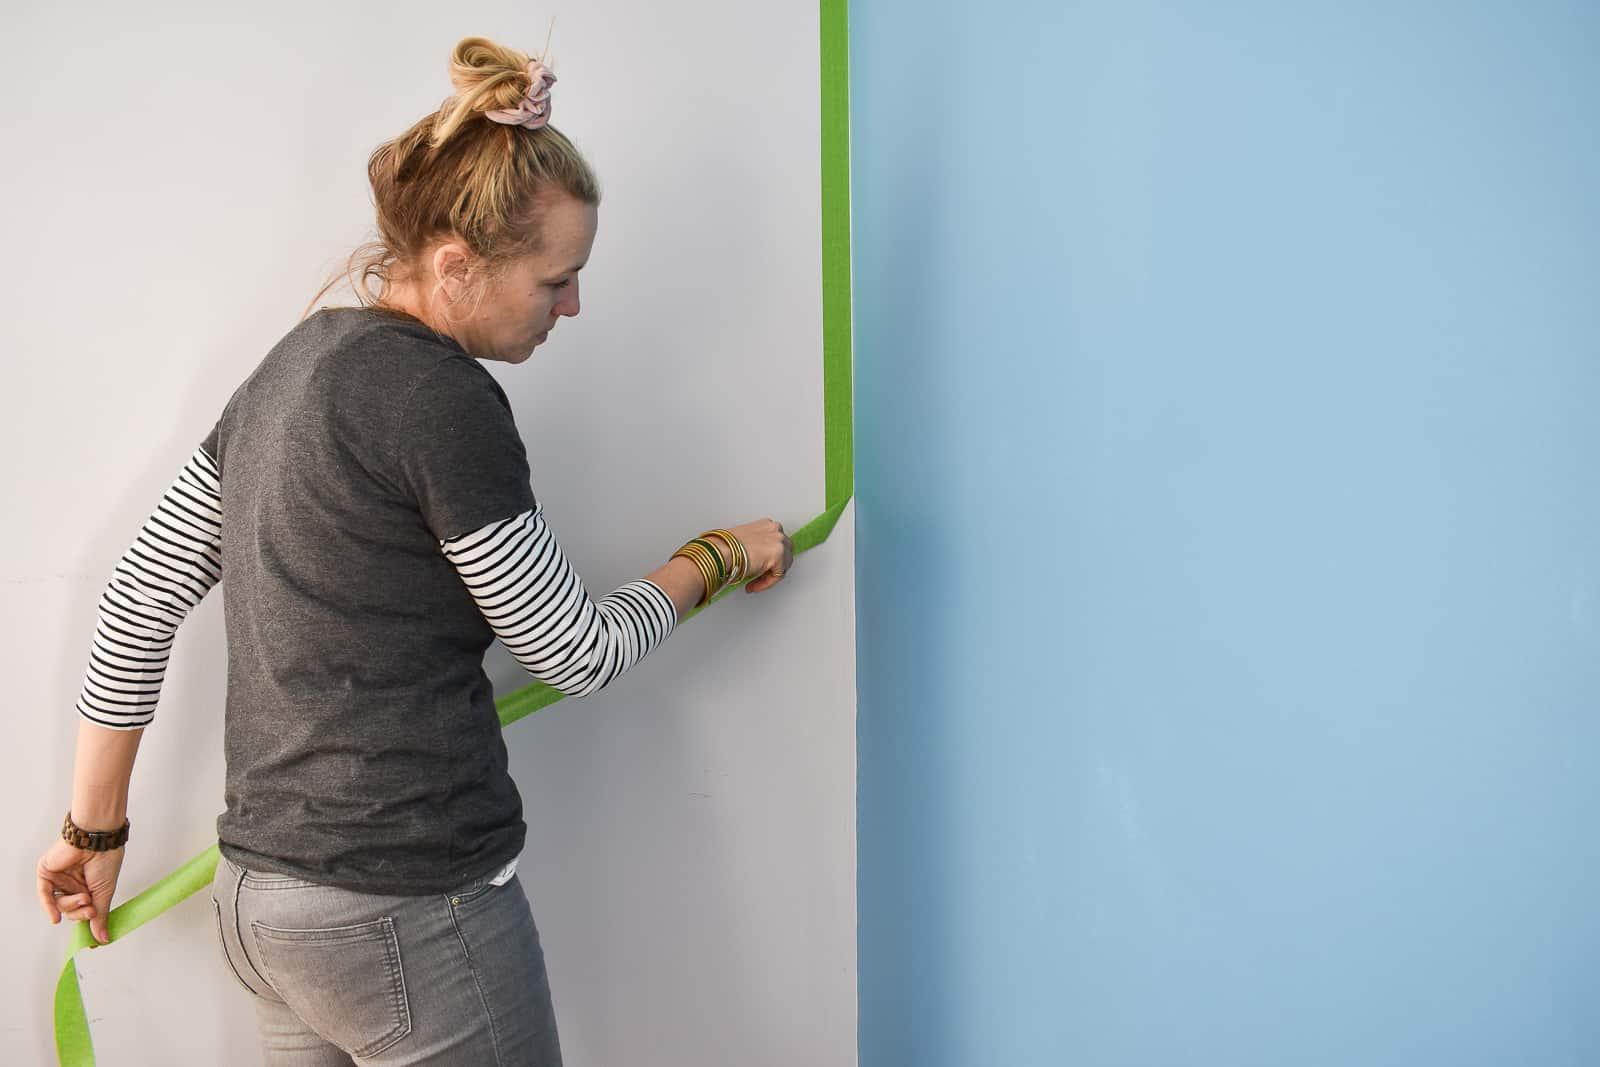 crisp paint line with frogtape